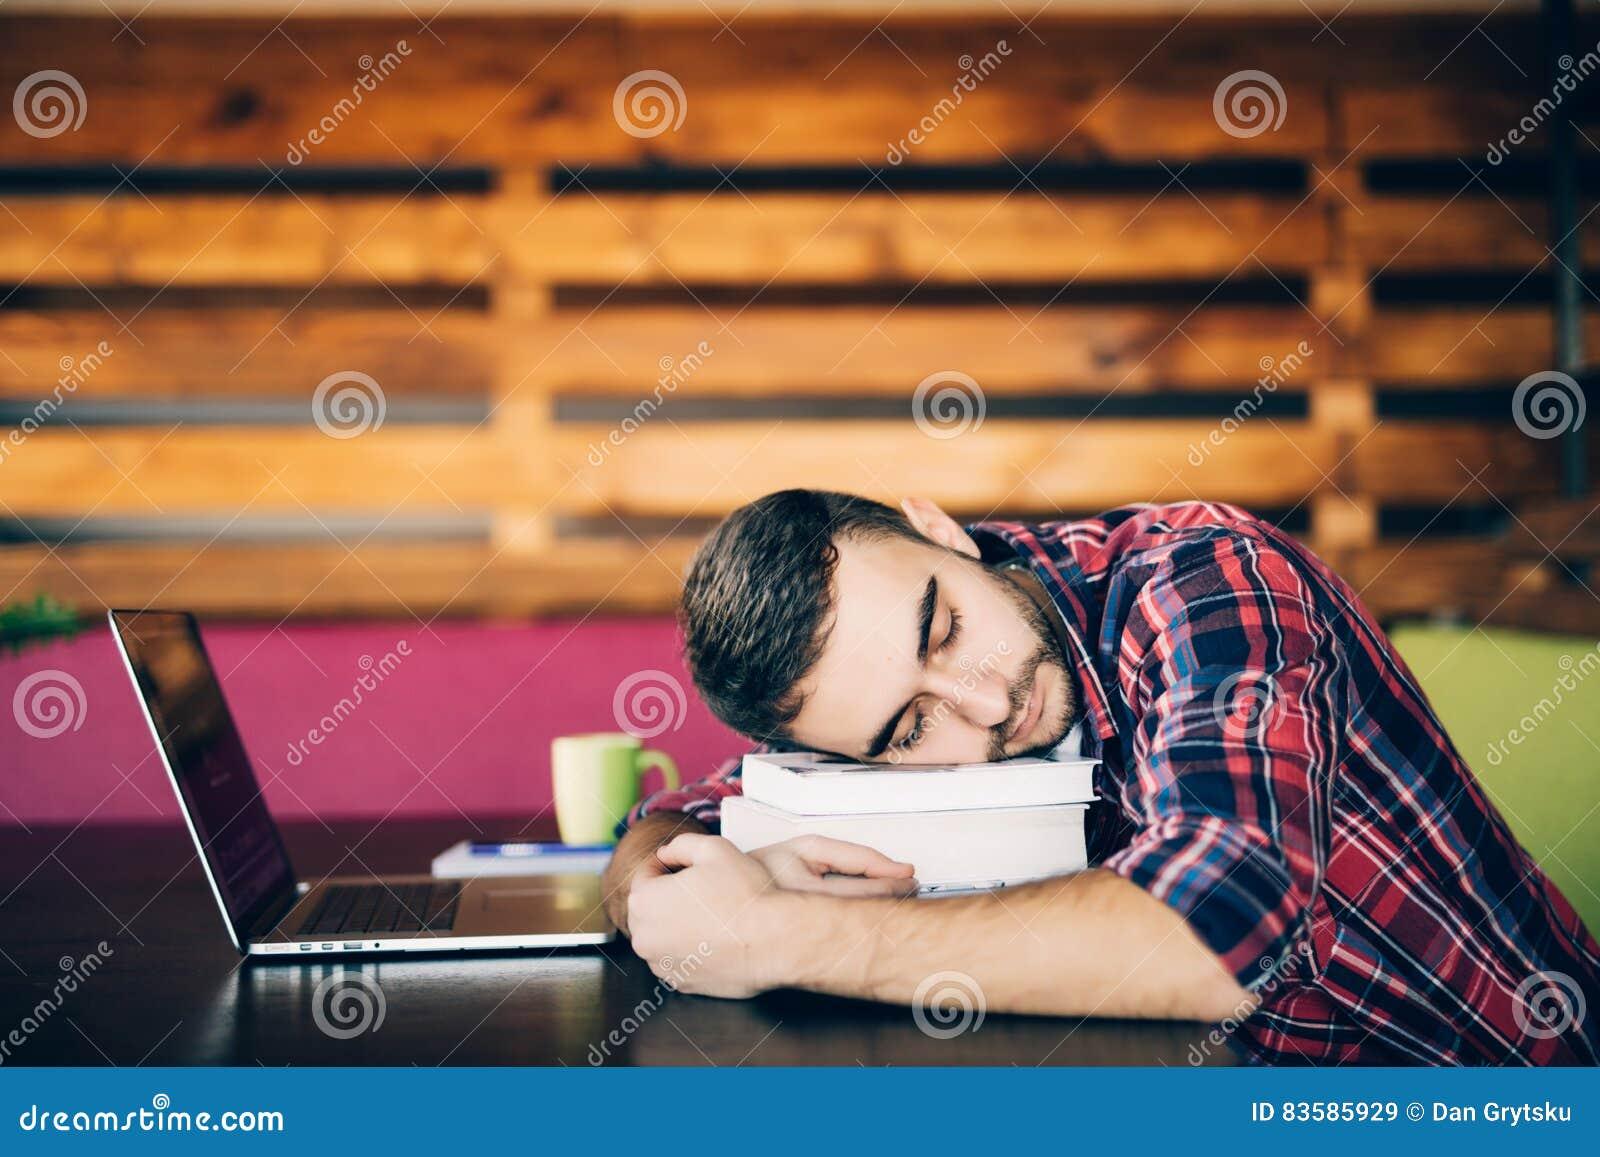 Sueño en el trabajo